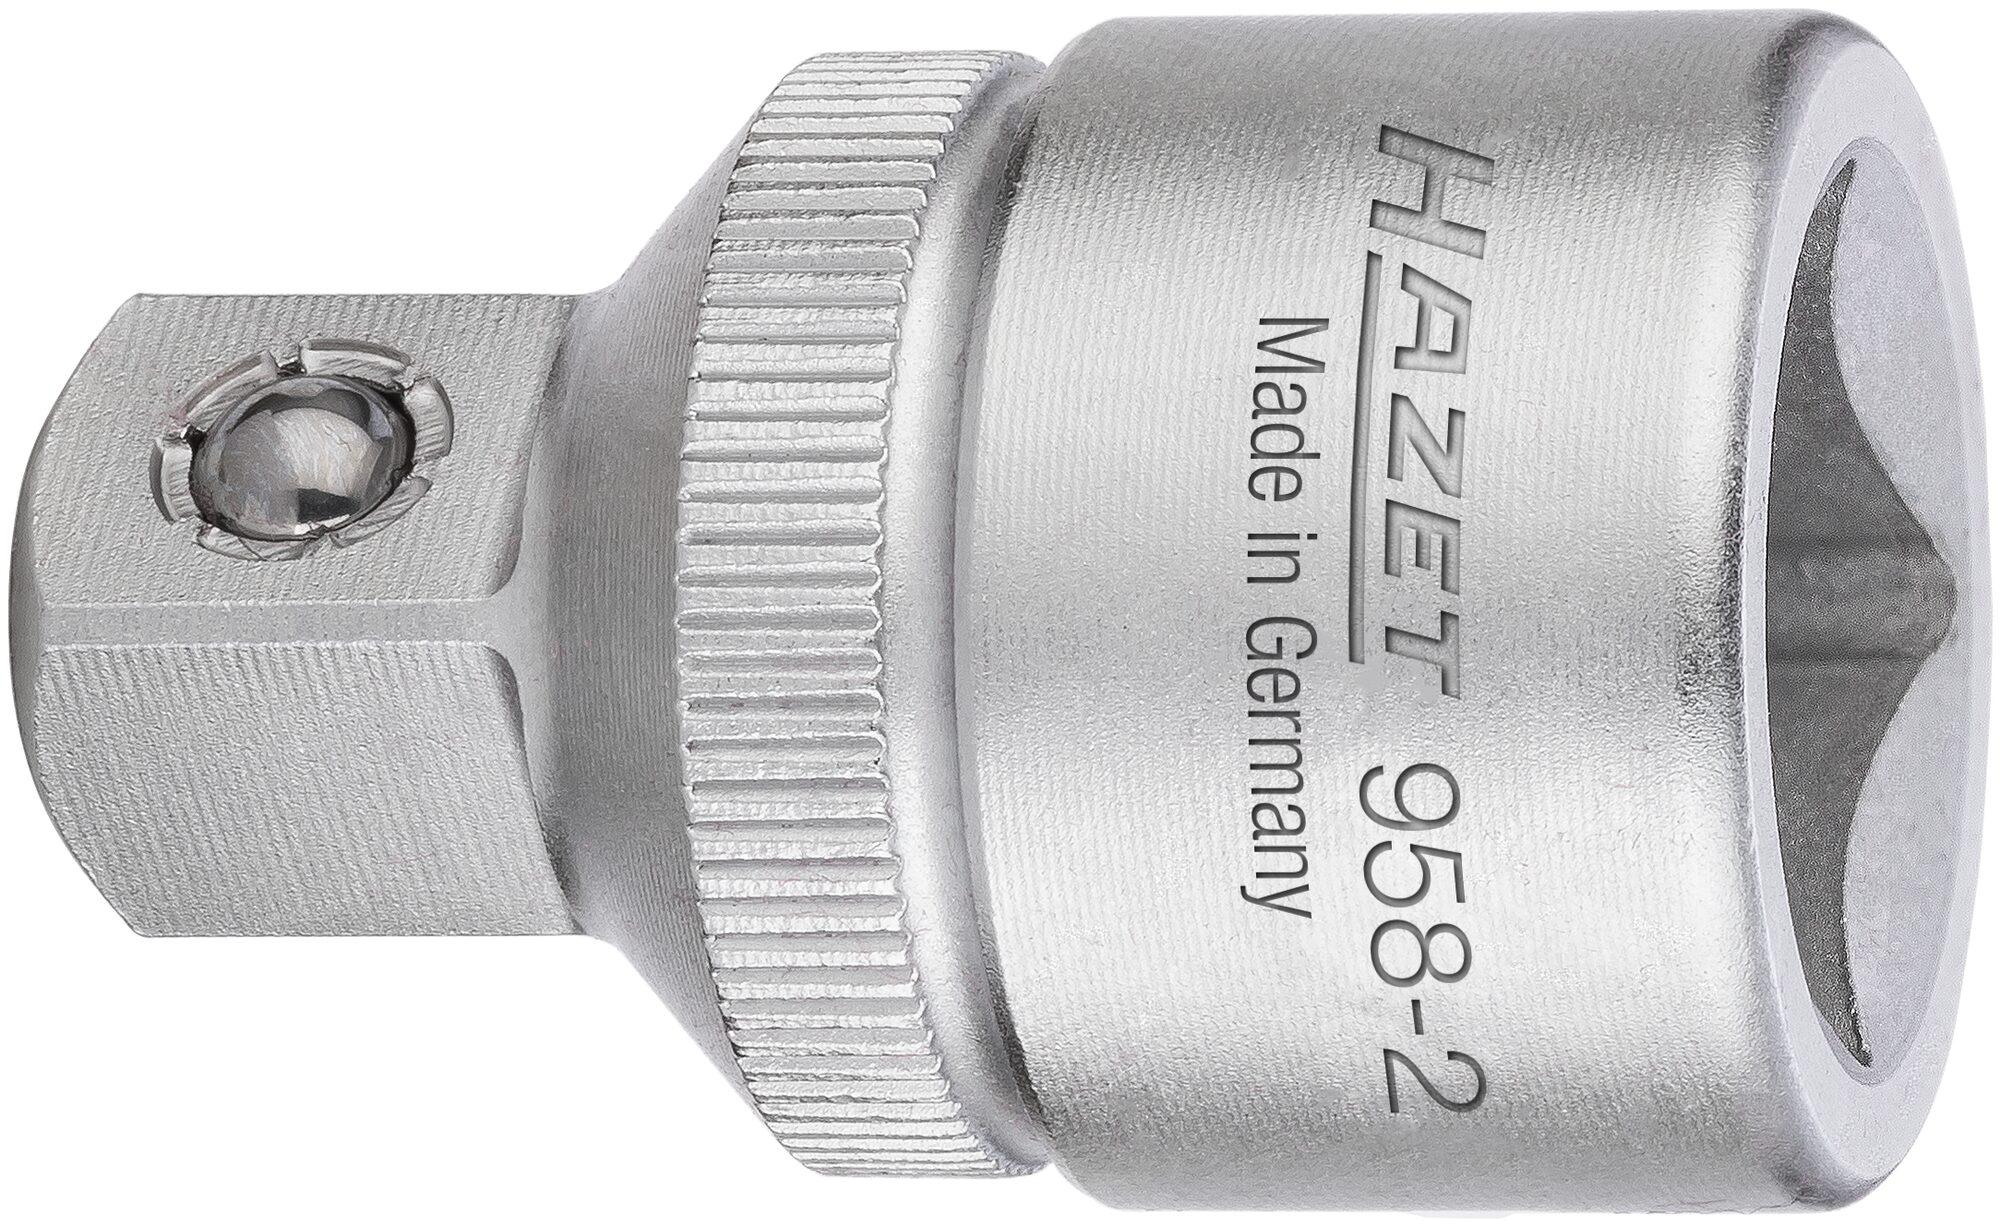 HAZET Reduzierstück 958-2 ∙ Vierkant hohl 12,5 mm (1/2 Zoll) ∙ Vierkant massiv 10 mm (3/8 Zoll)